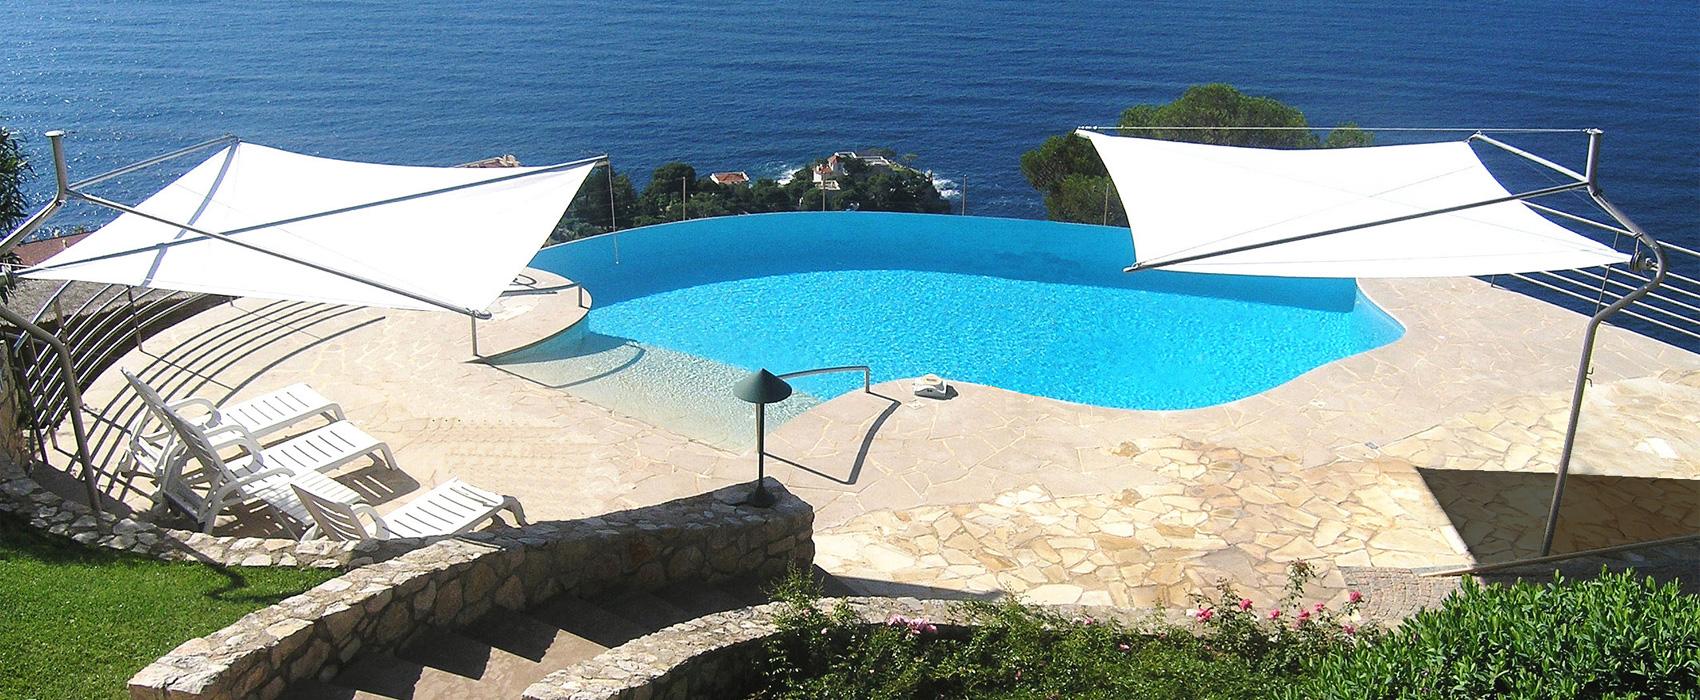 vele tende da sole con piscina